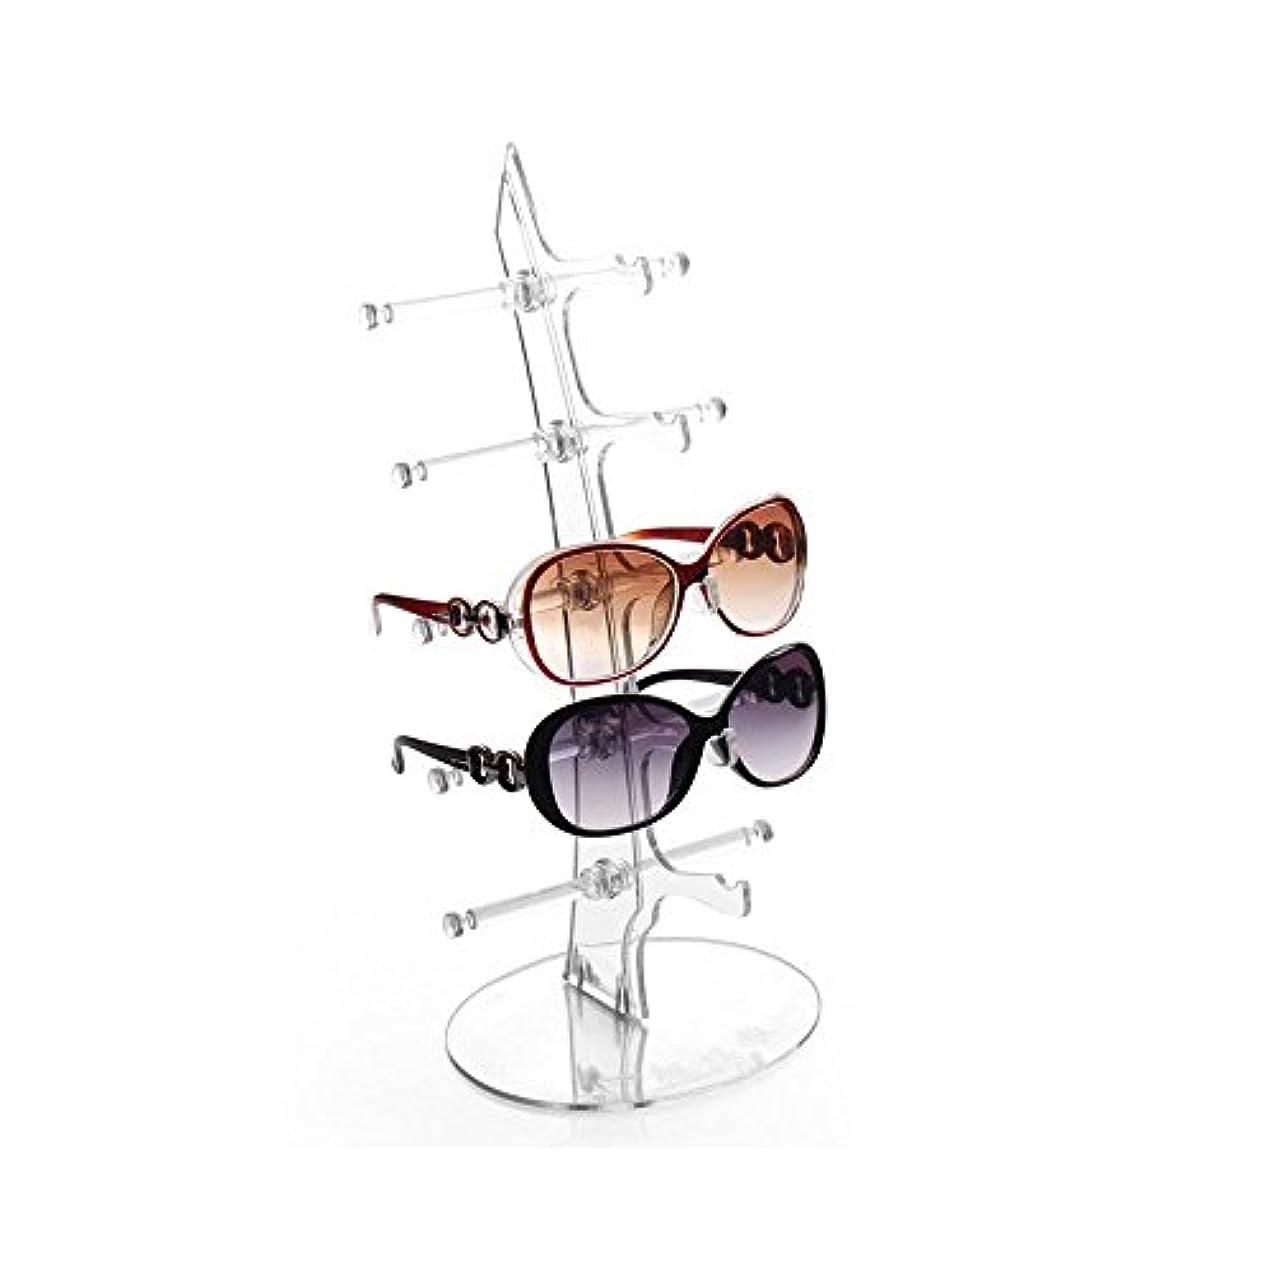 重々しいマーティフィールディングスイス人Hongch 眼鏡 デイリー用ディスプレイスタンド サングラスホルダーラック 眼鏡